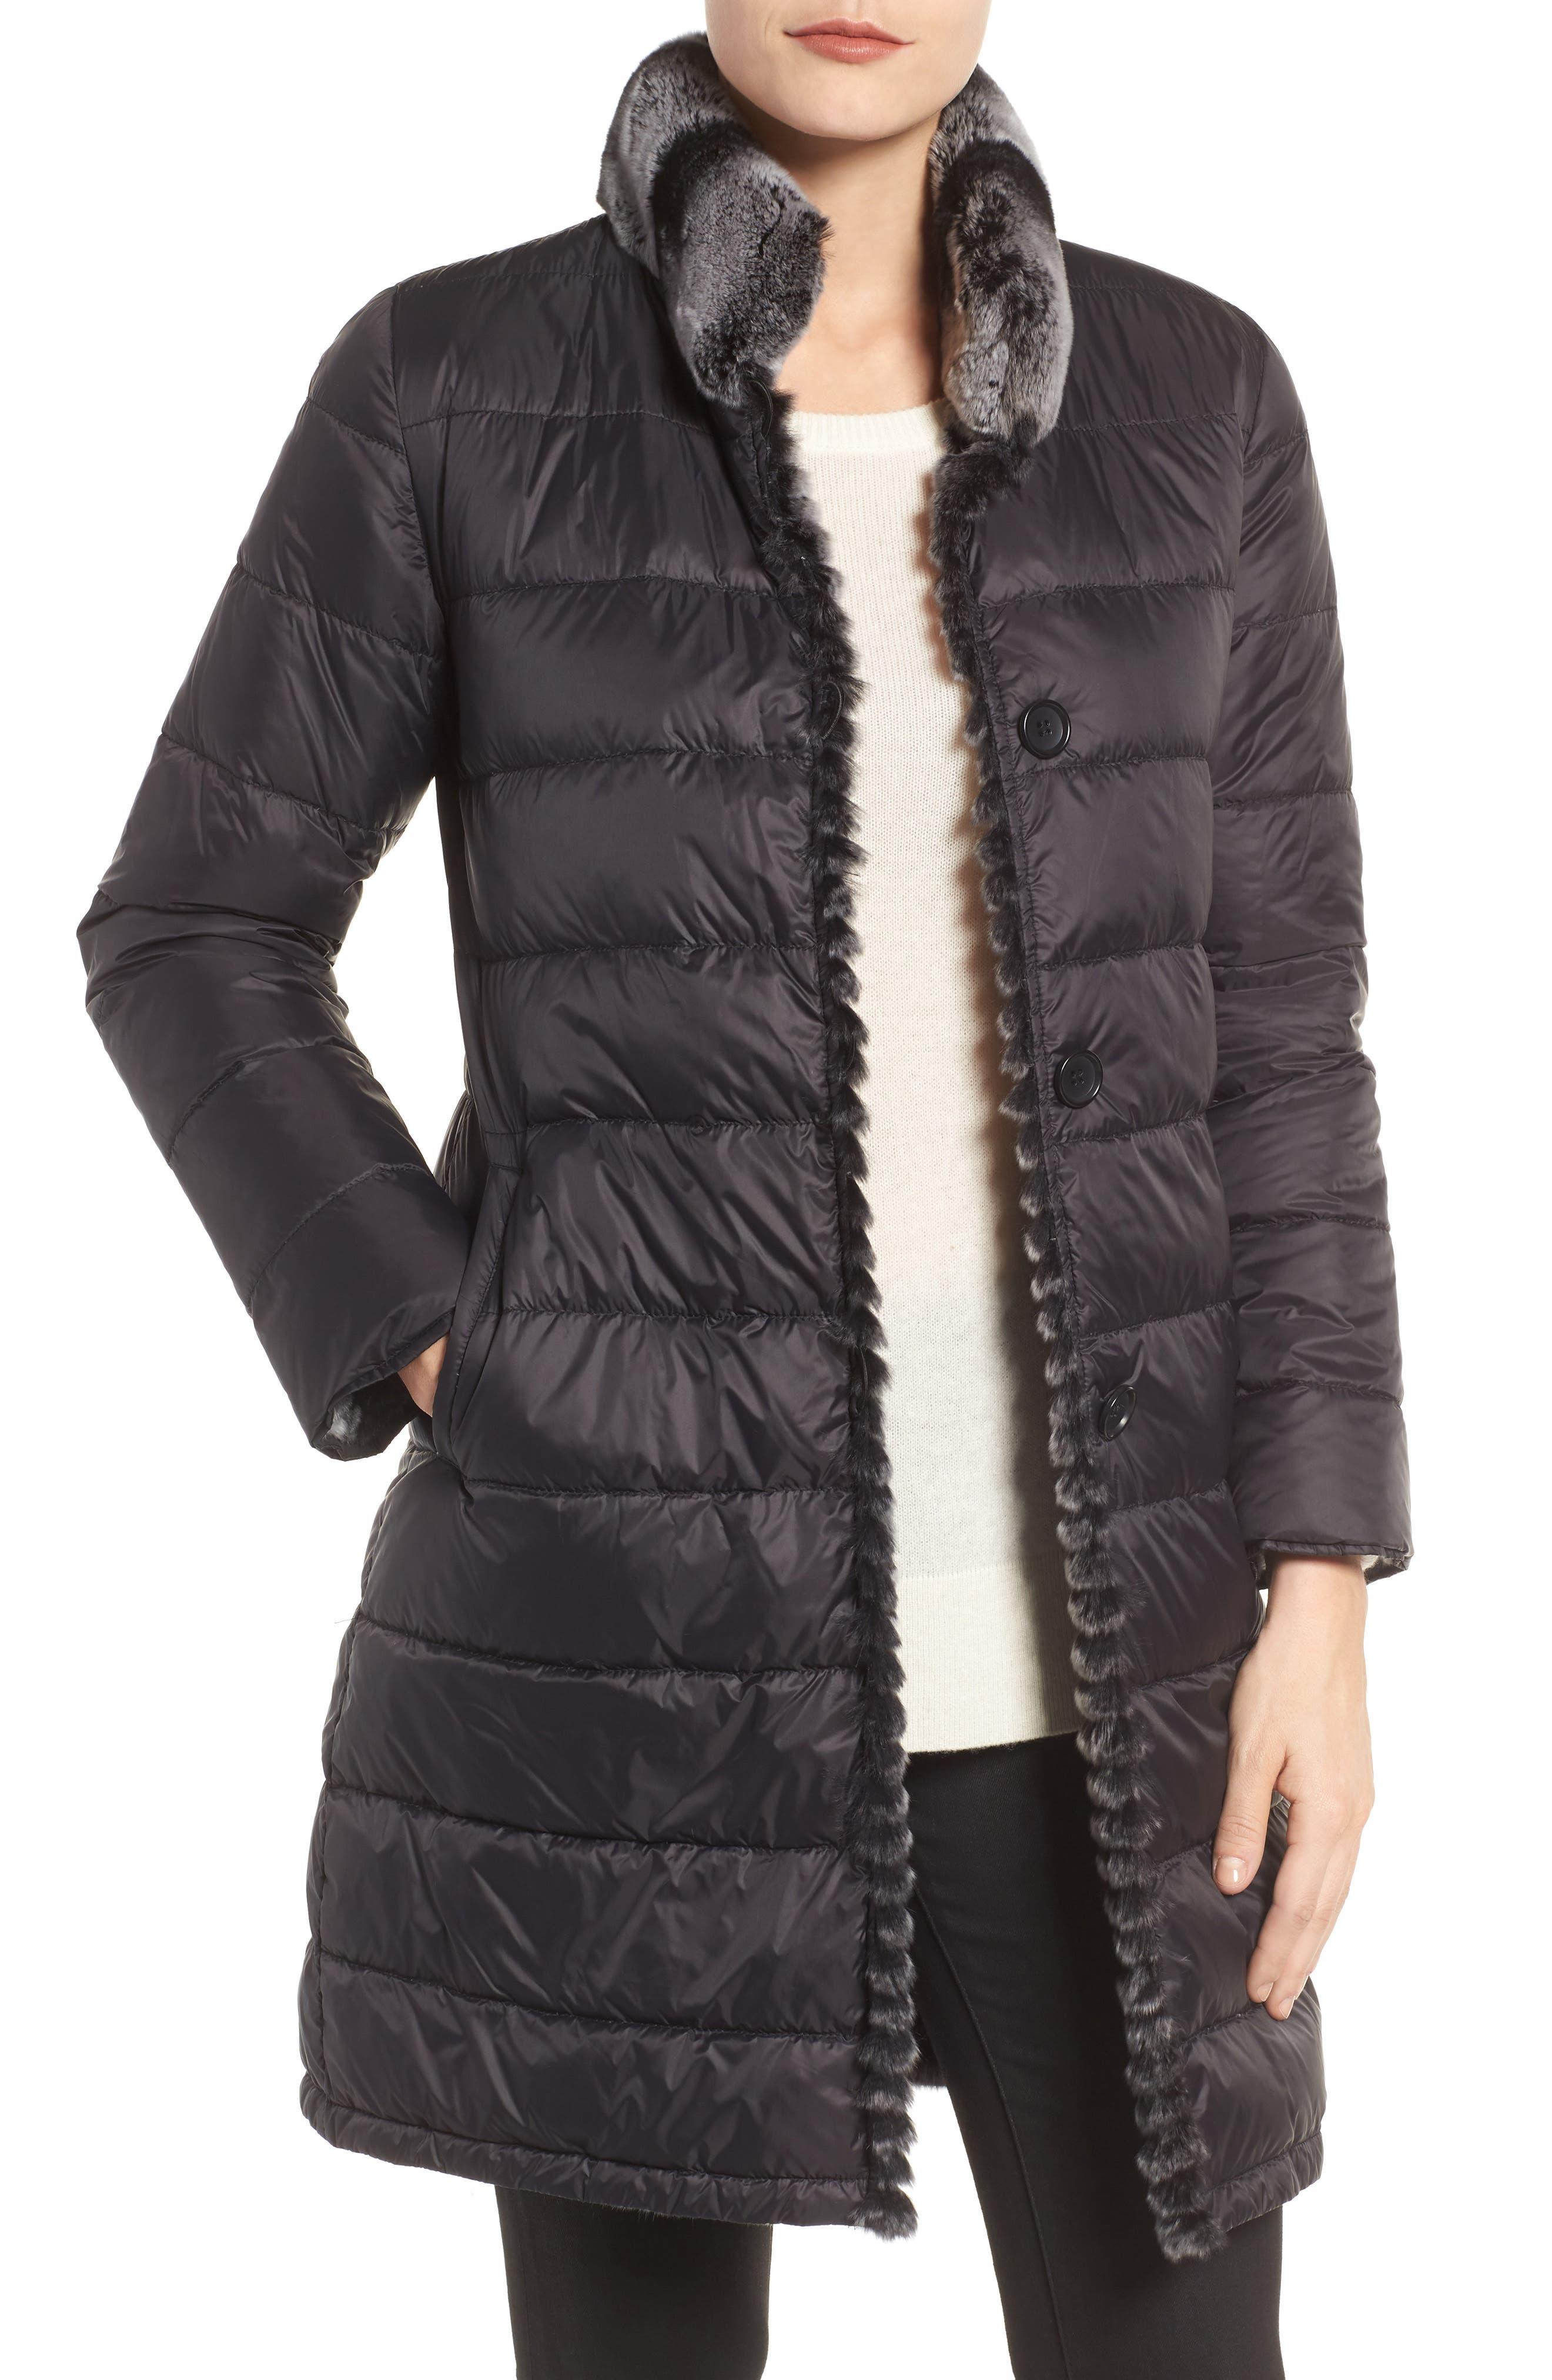 Reversible Genuine Rabbit Fur & Down Coat,                             Main thumbnail 1, color,                             BLACK